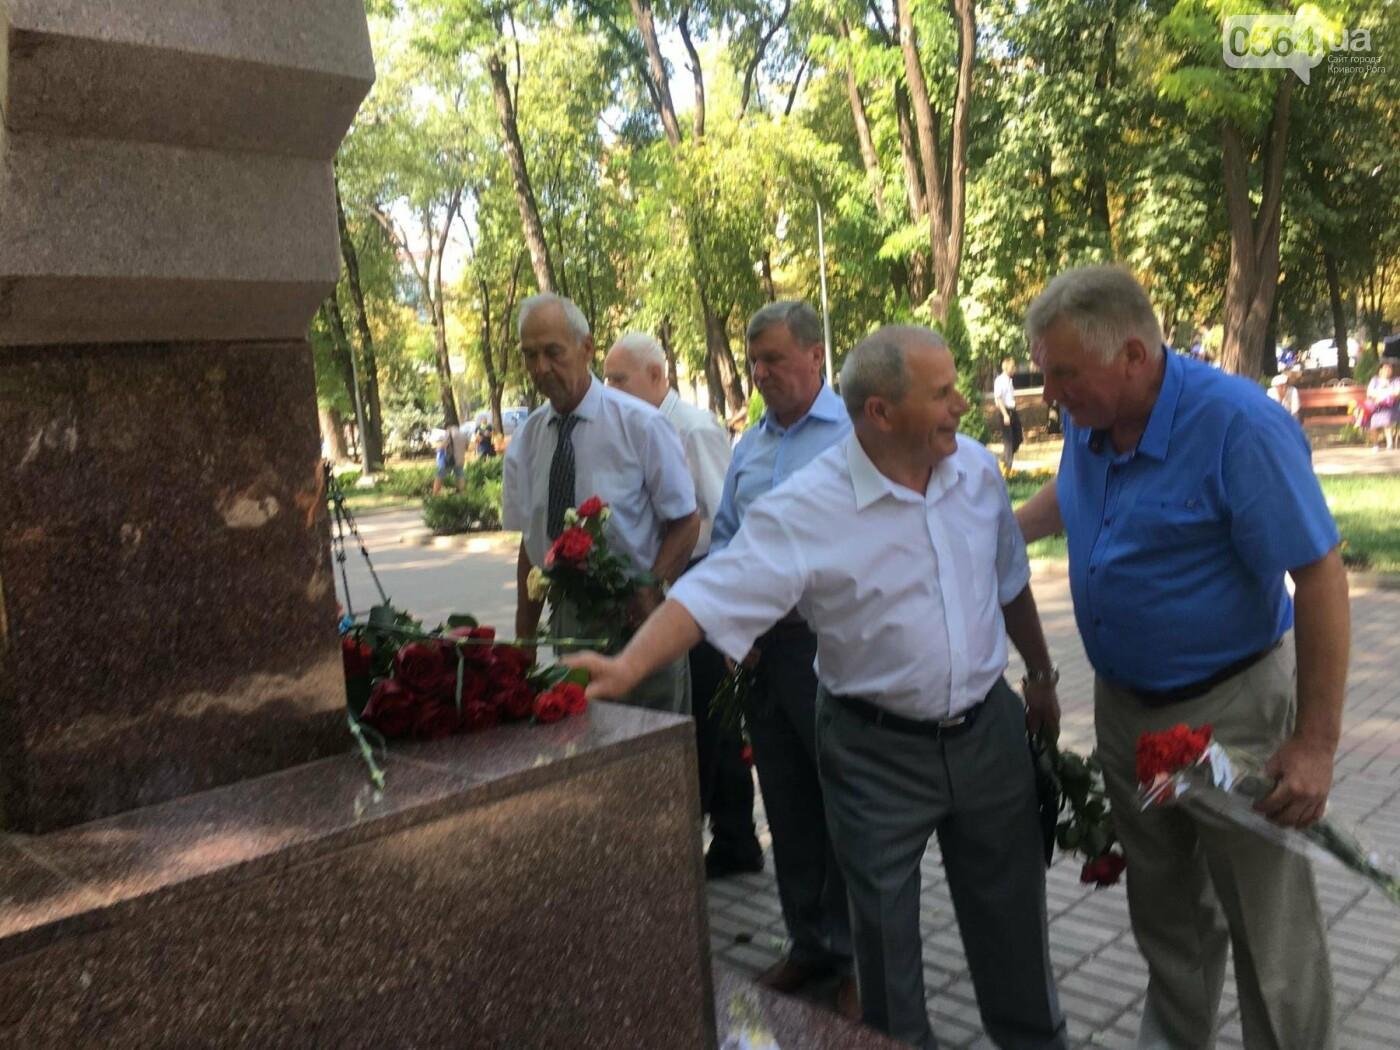 Руководство города и депутаты возложили цветы к памятнику погибшим в АТО Героям, - ФОТО, ВИДЕО, фото-5